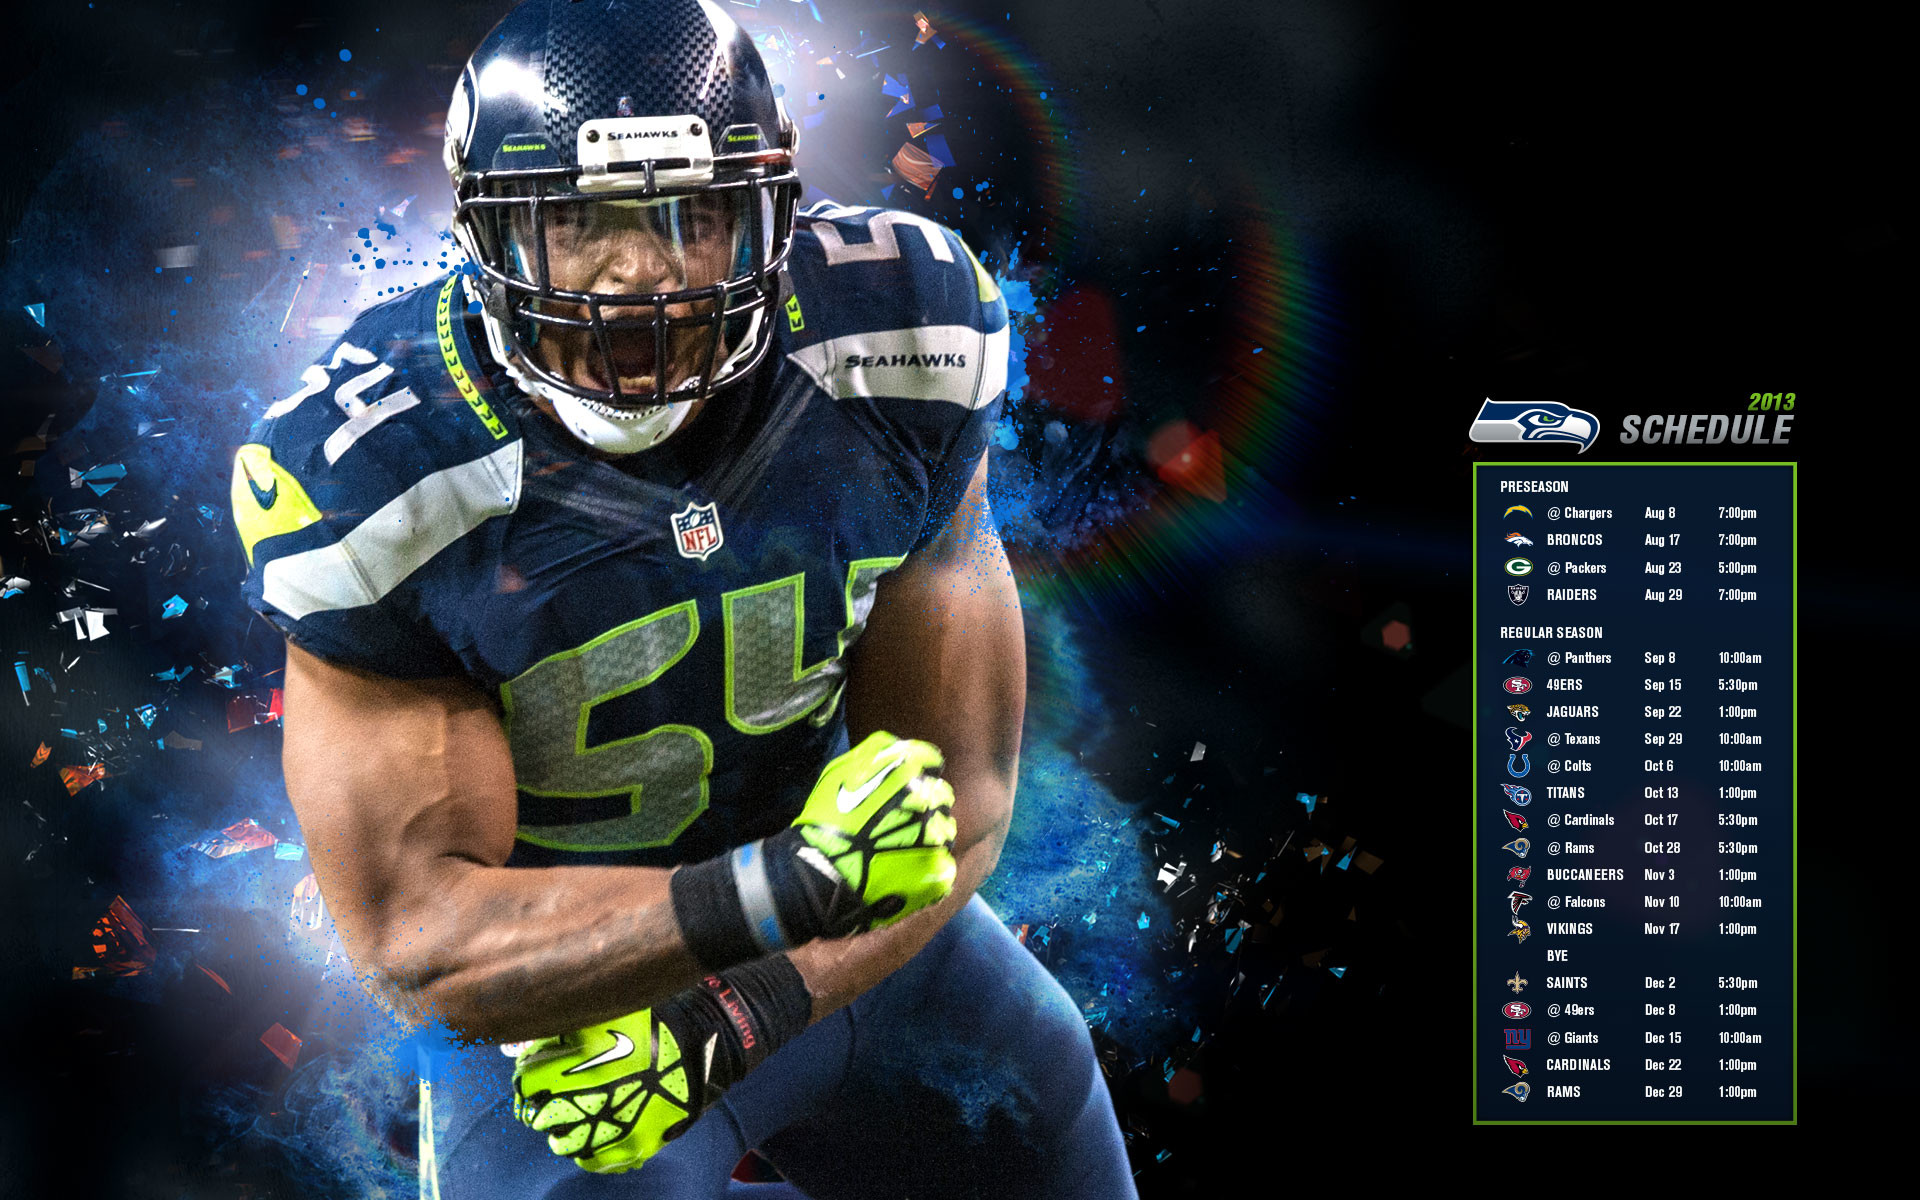 Seattle Seahawks Wallpaper 2013